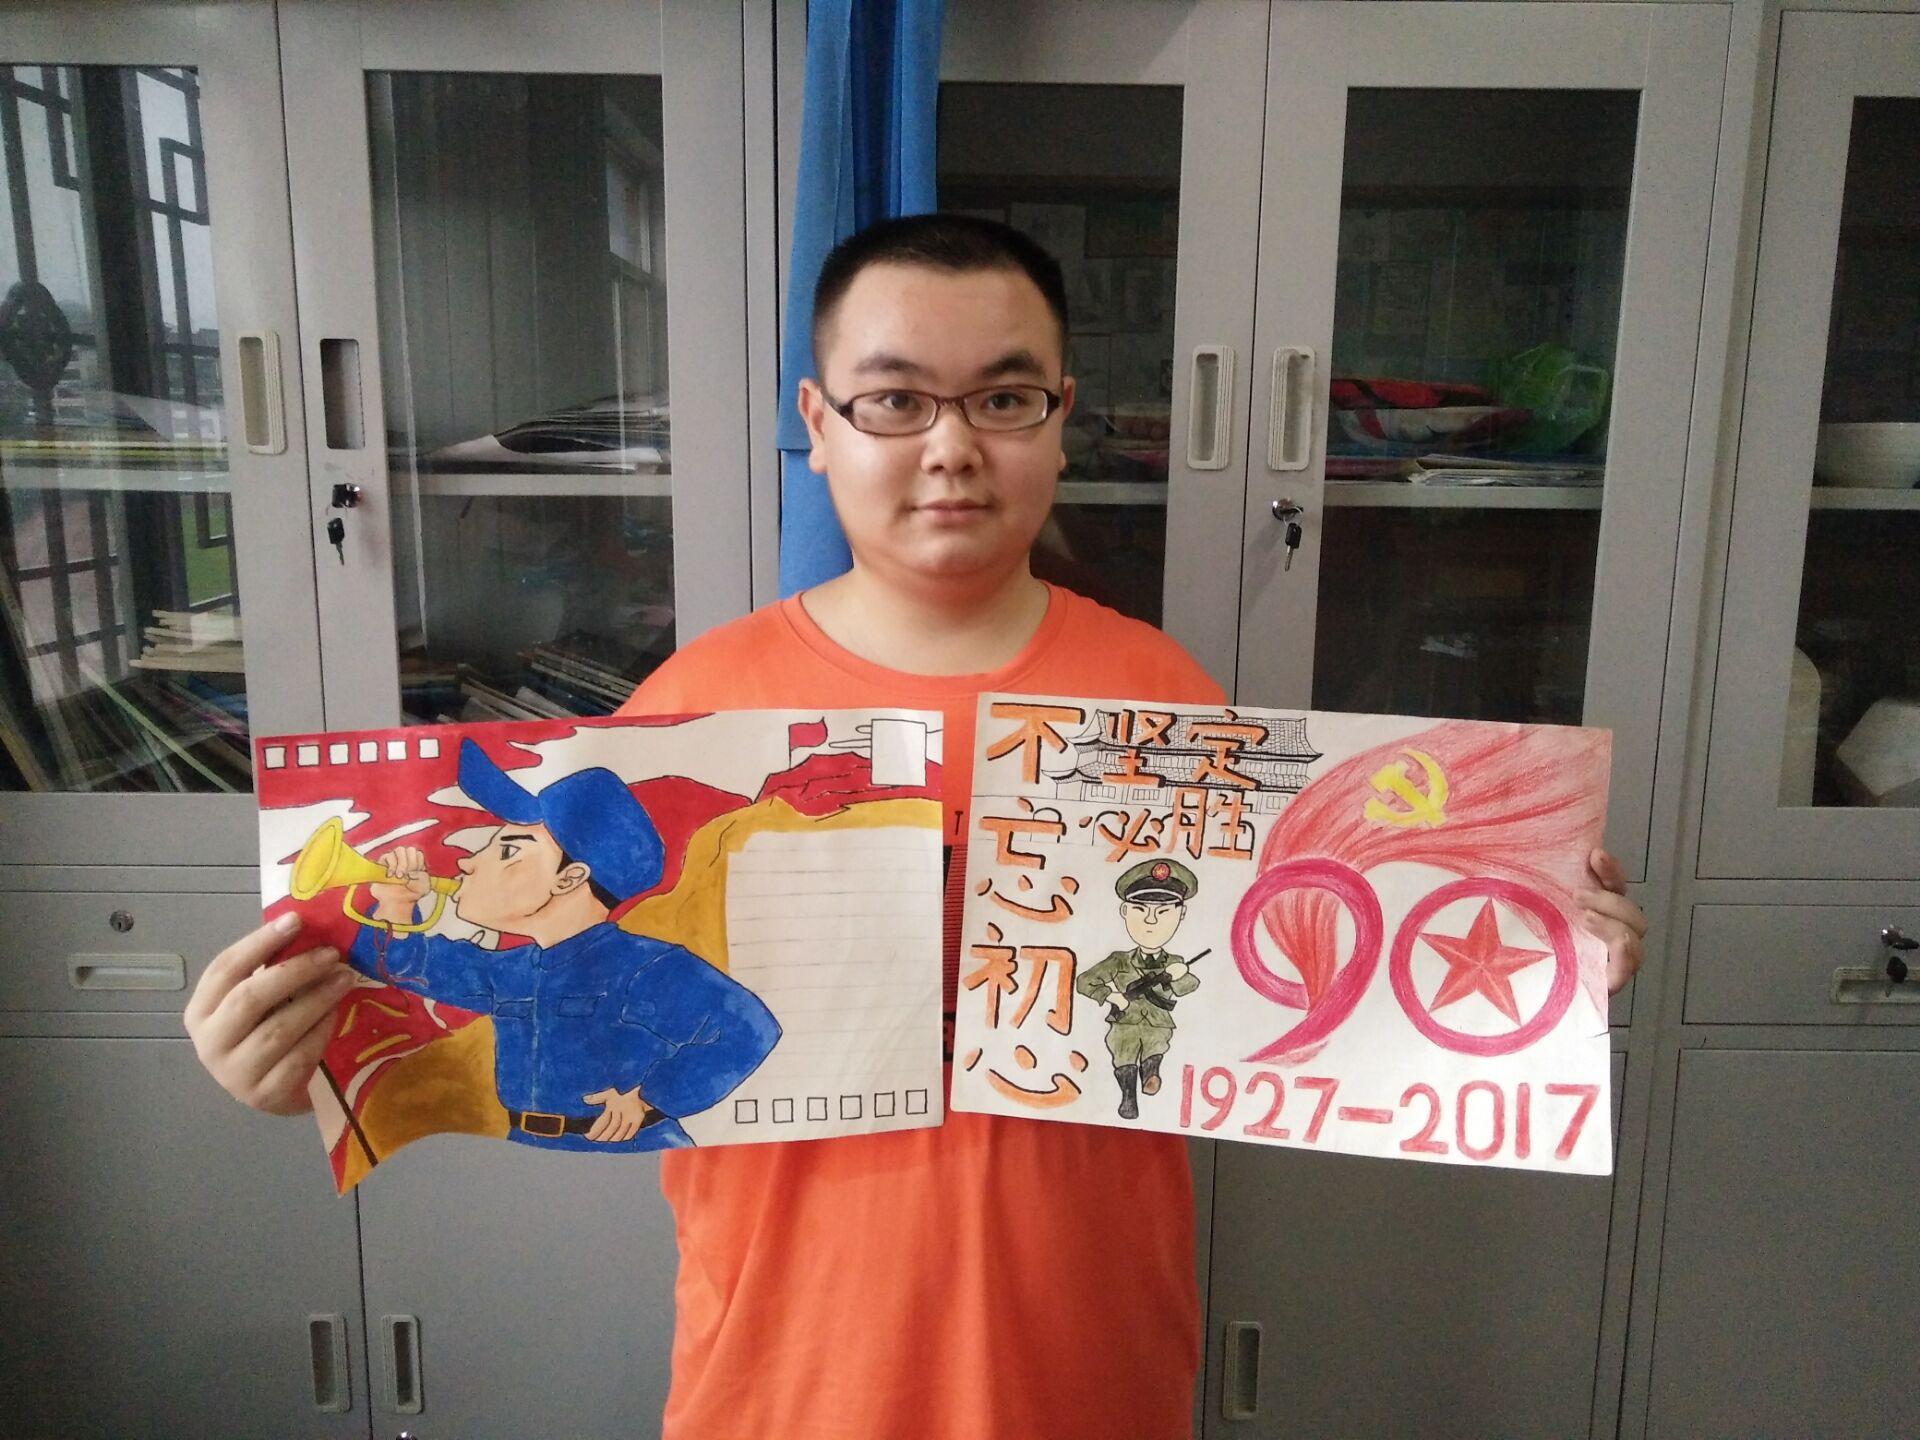 为喜迎十九大,庆祝中国解放军建军90周年,通道县图书馆于8月初开始联合青少年校外活动中心画室、彩虹桥画室举办解放军叔叔,你好手绘明信片献给最可爱的人活动。   本次手绘活动是书香通道 红星闪闪耀童心少年儿童系列读书活动的项目之一,意在鼓励青少年们以手绘的形式致敬我们最可爱的人,献礼中国解放军建军90周年。活动深受青少年的喜爱,并得到的众多家长的支持,孩子们纷纷用自己的画笔表达对解放军的情感。   为满足众多参赛者的要求,本次手绘活动将持续到8月20日,届时本馆根据实际作品质量,评选出优秀作